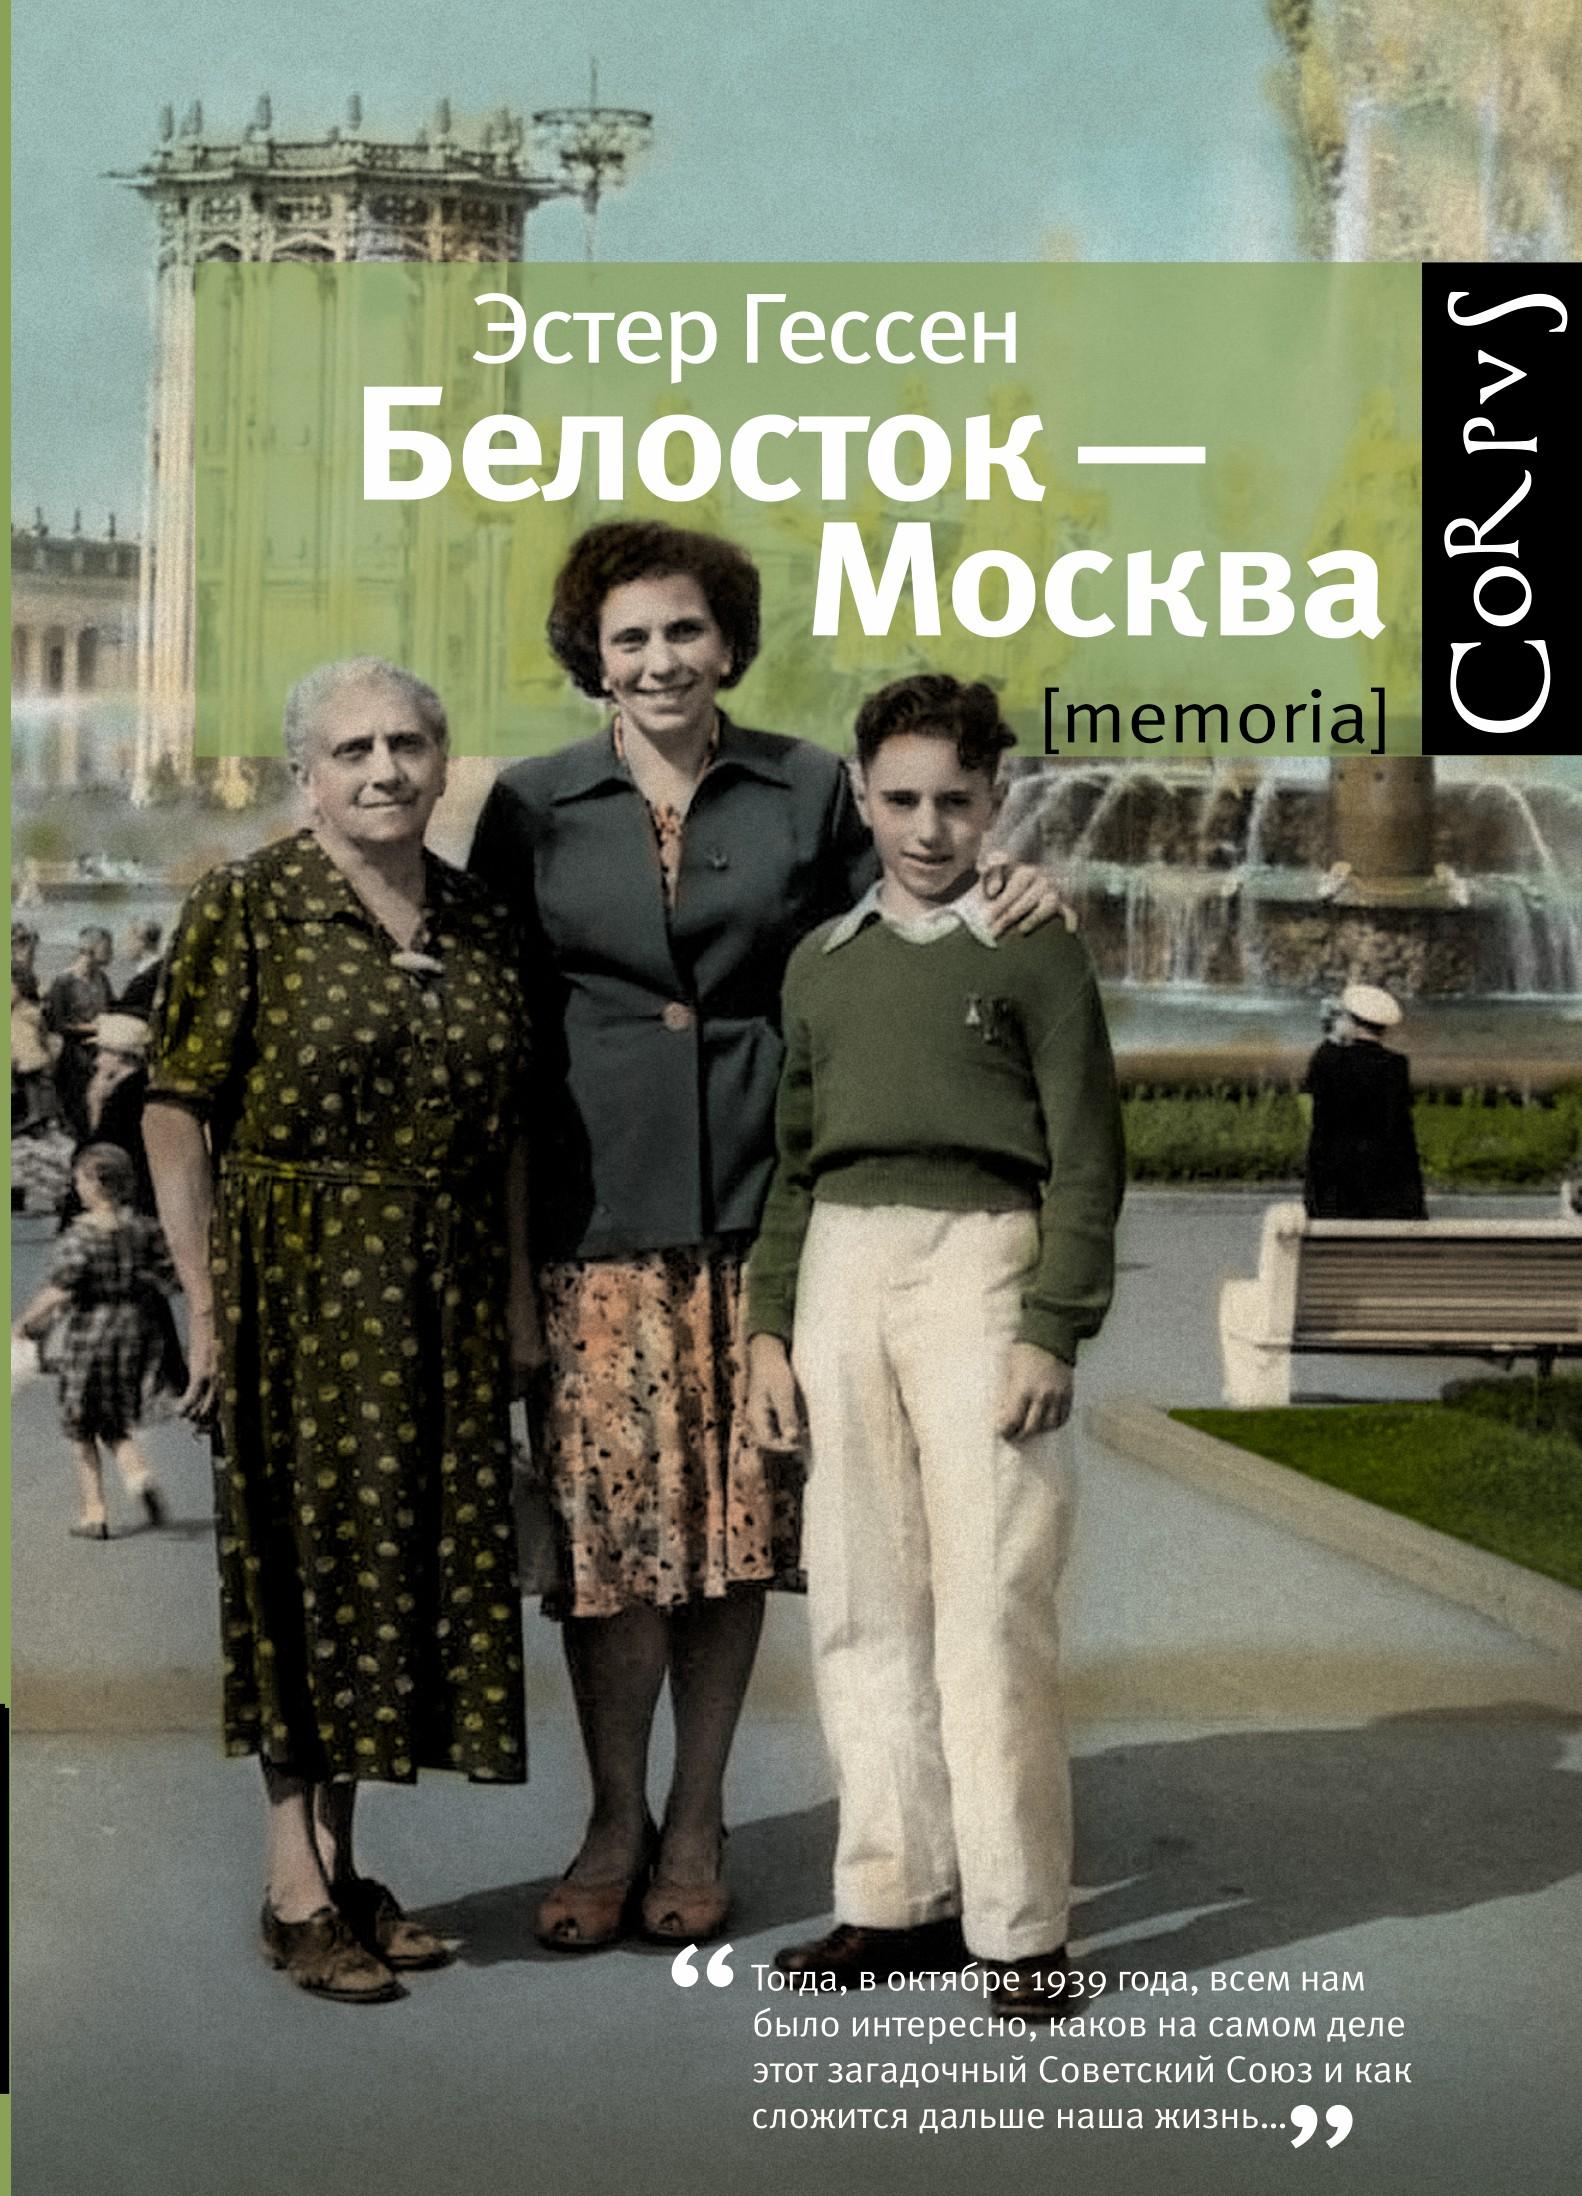 Белосток-Москва